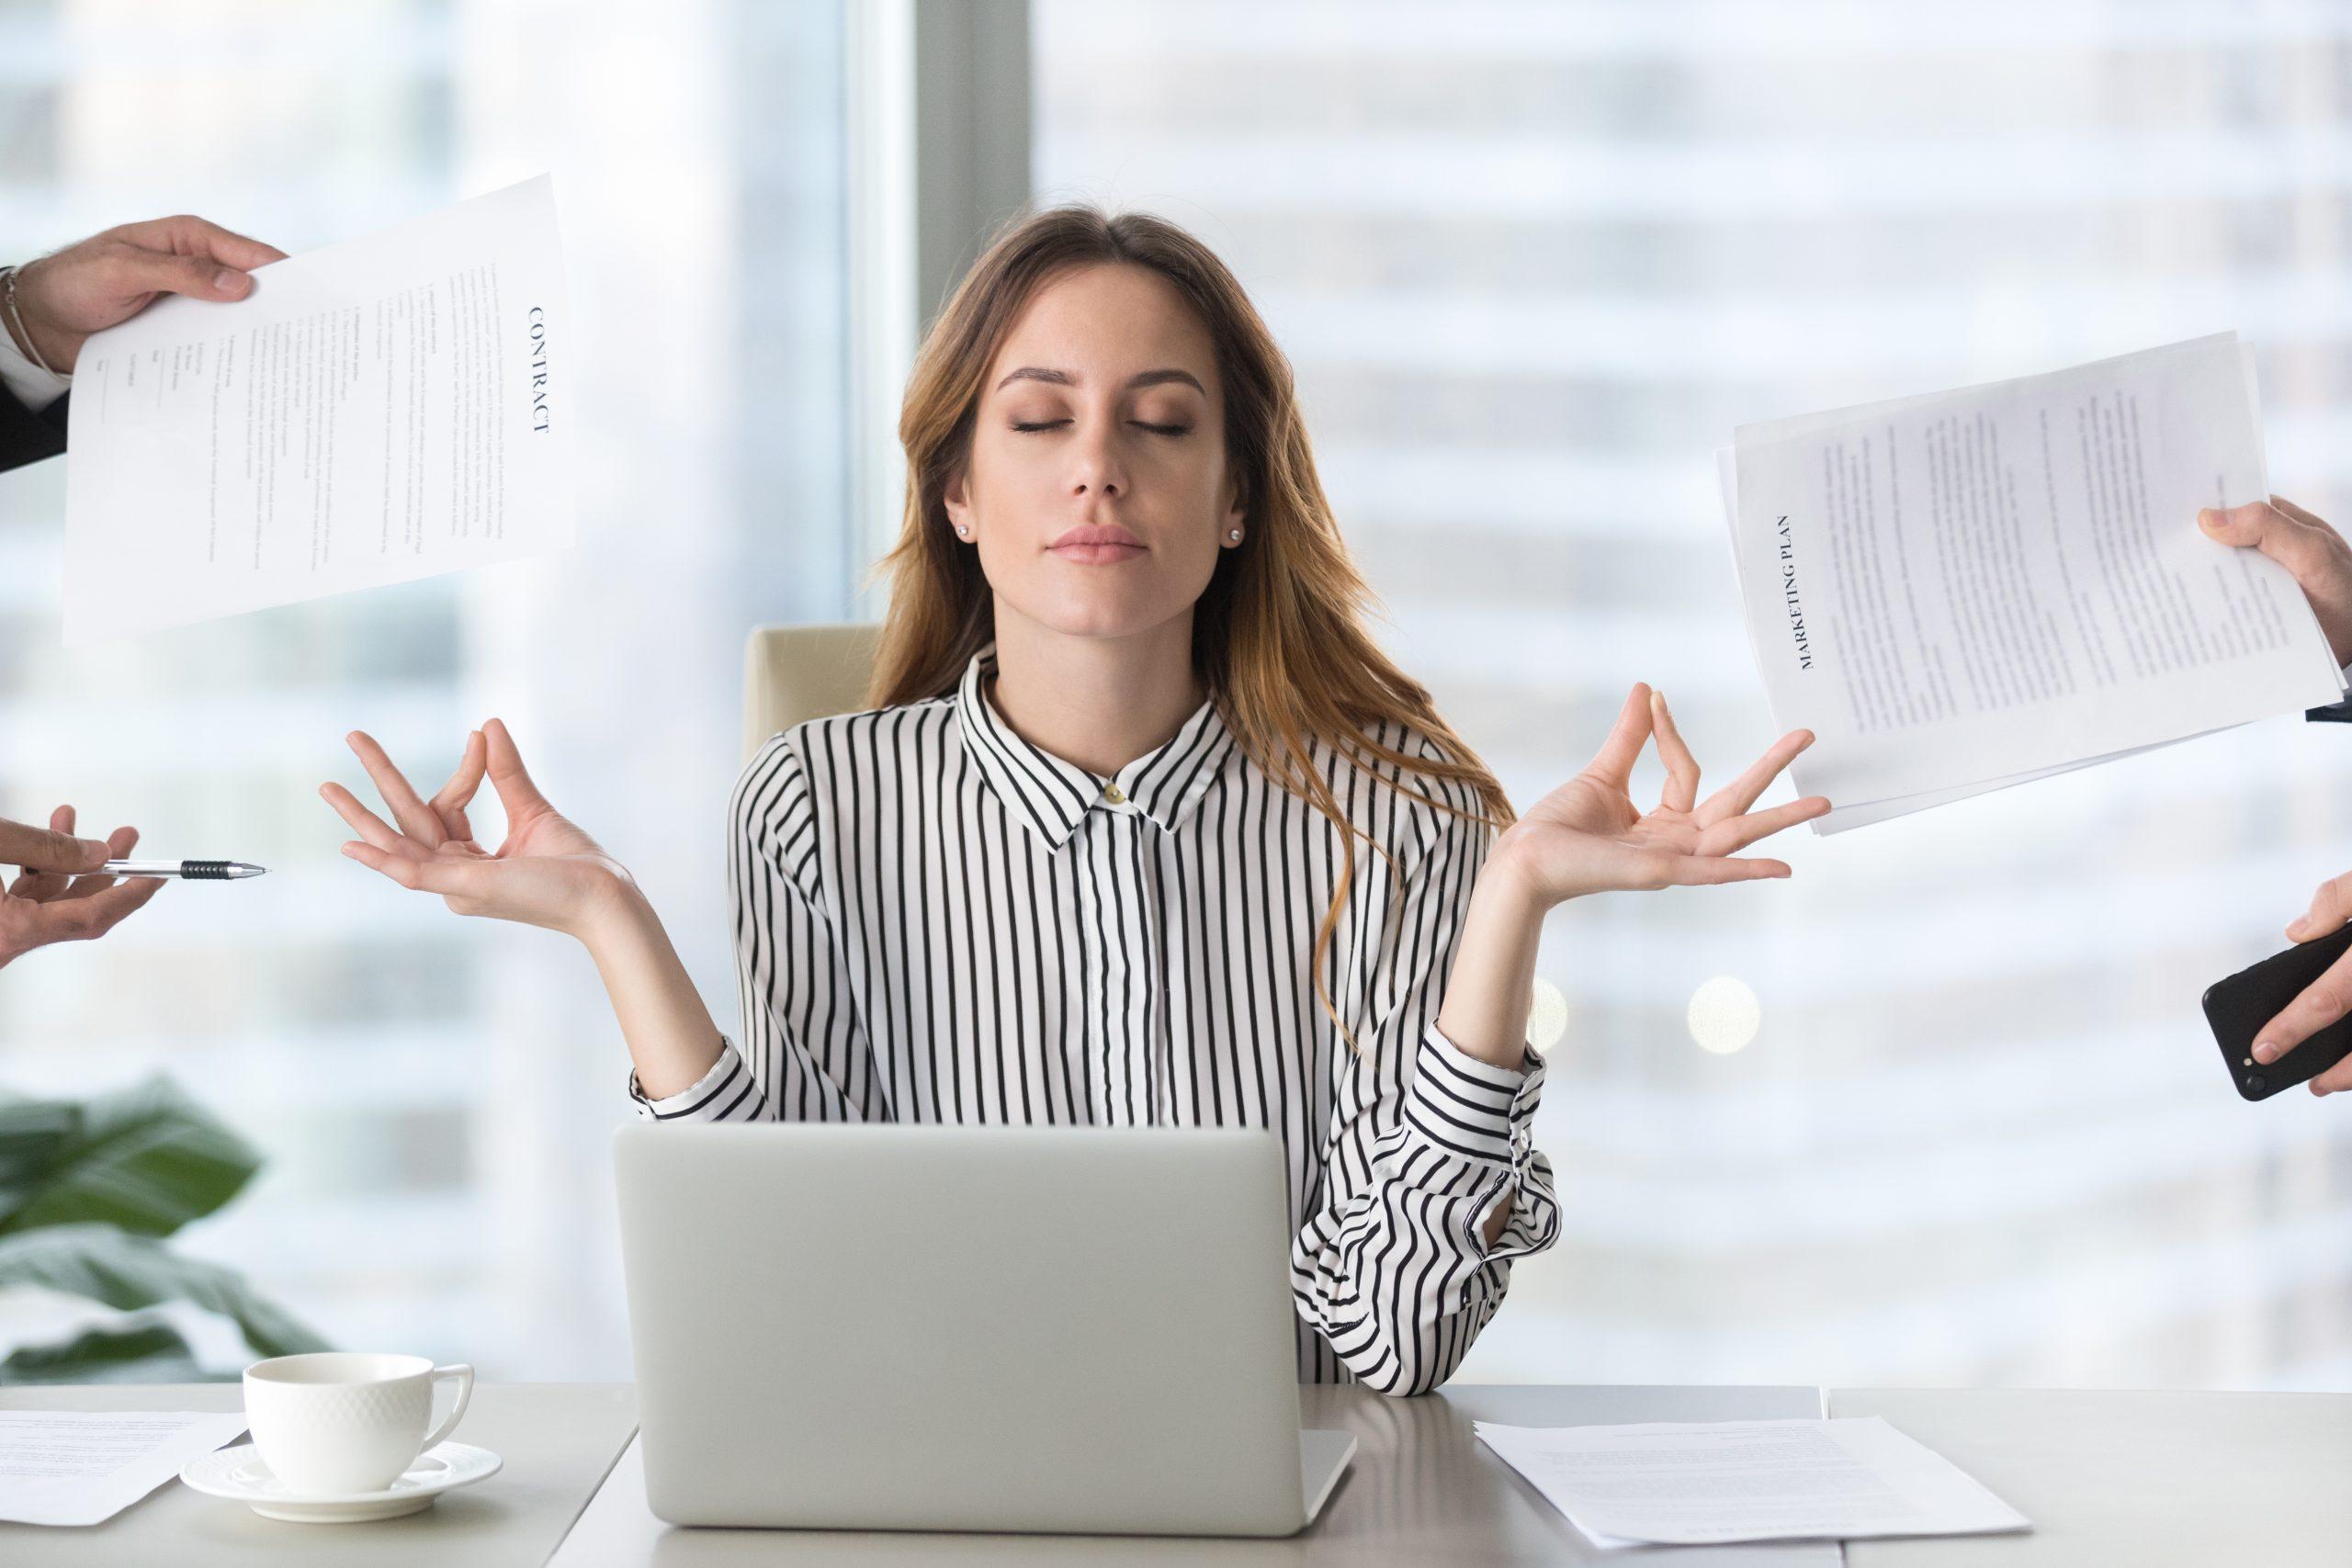 Frau entspannt sich durch Meditation